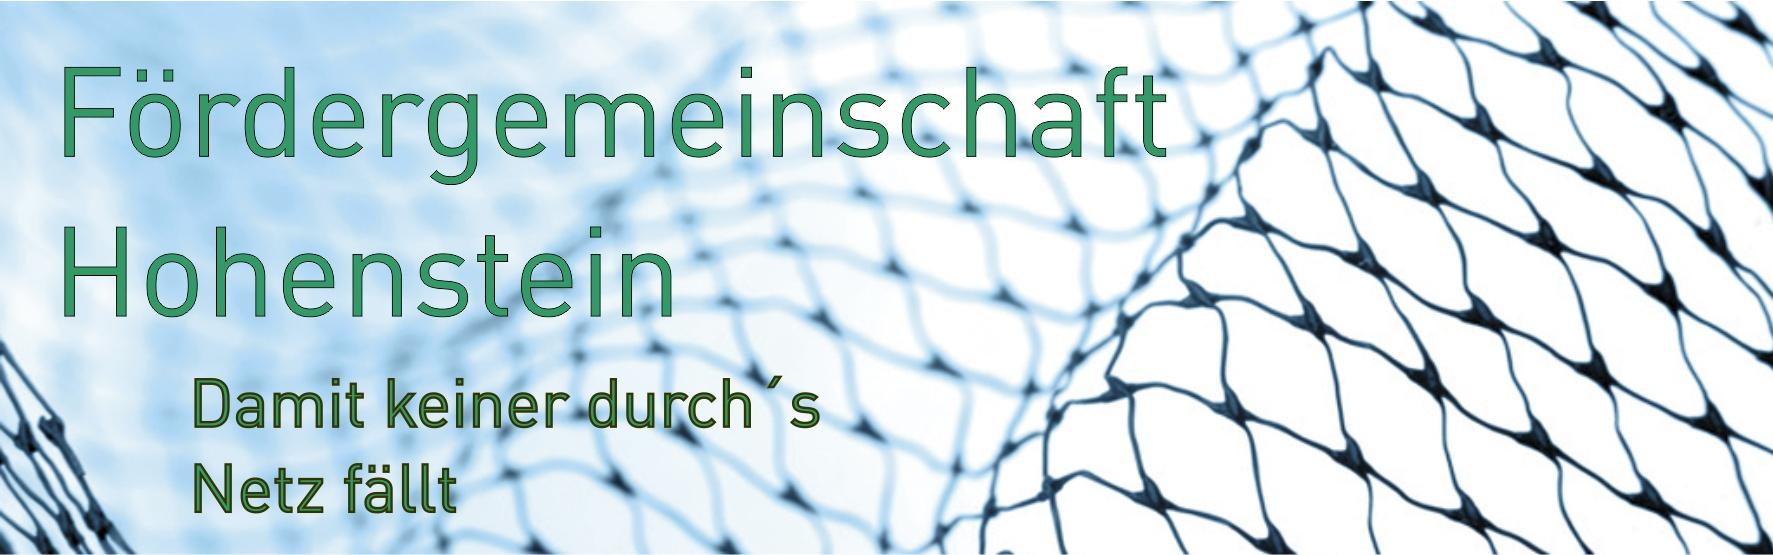 Fördergemeinschaft Gemeinde Hohenstein